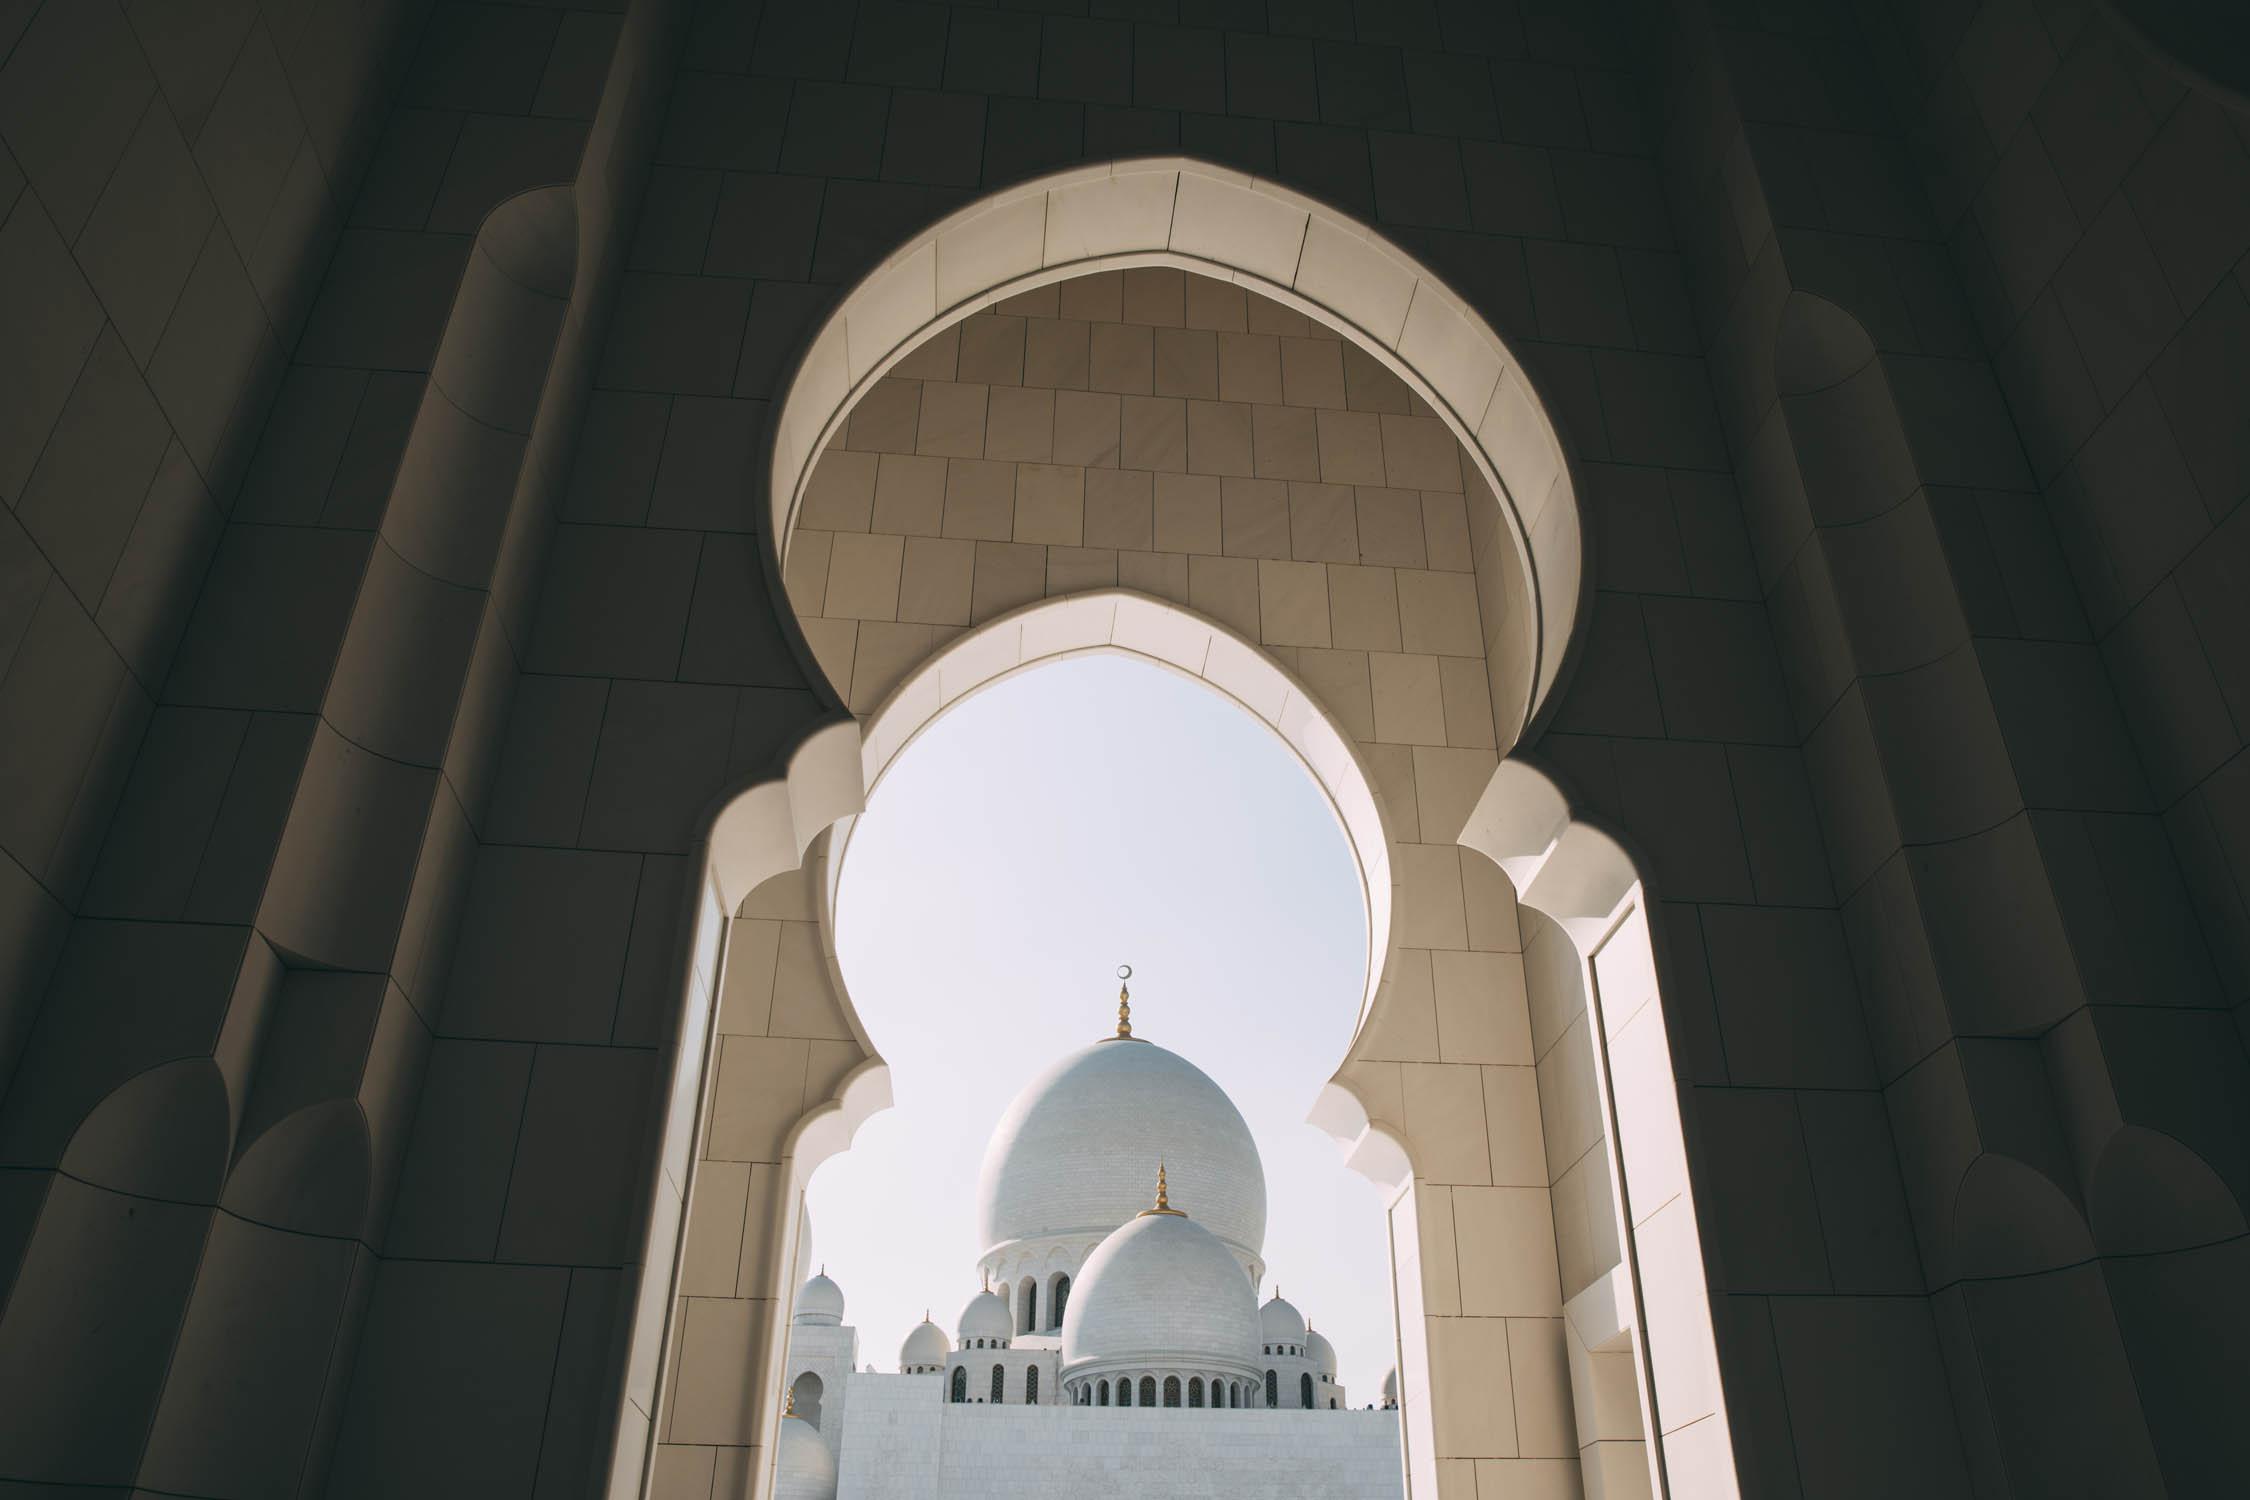 09_2018_12_05_UAE_0838.jpg